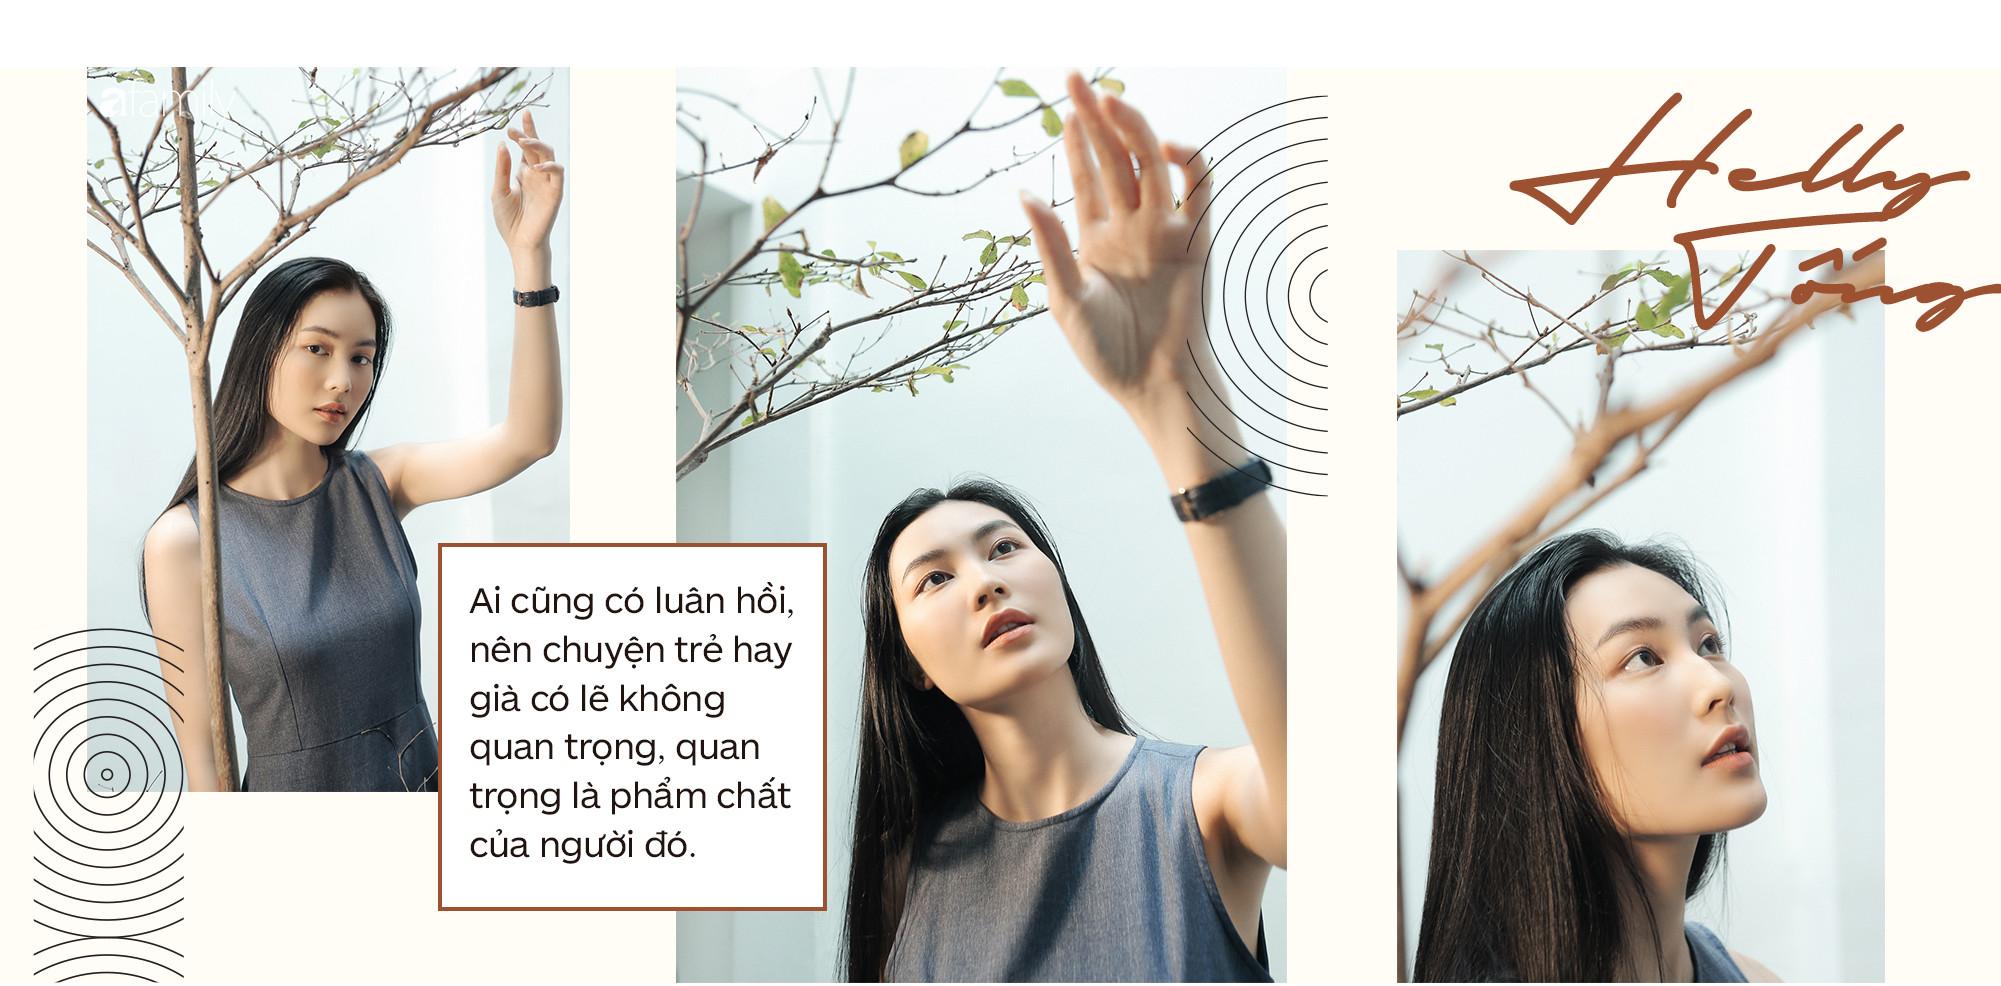 Helly Tống 22 tuổi: Từ hot girl thành giám đốc khởi nghiệp rồi trở về ăn chay trường, sống với cỏ cây và thiền định - Ảnh 8.